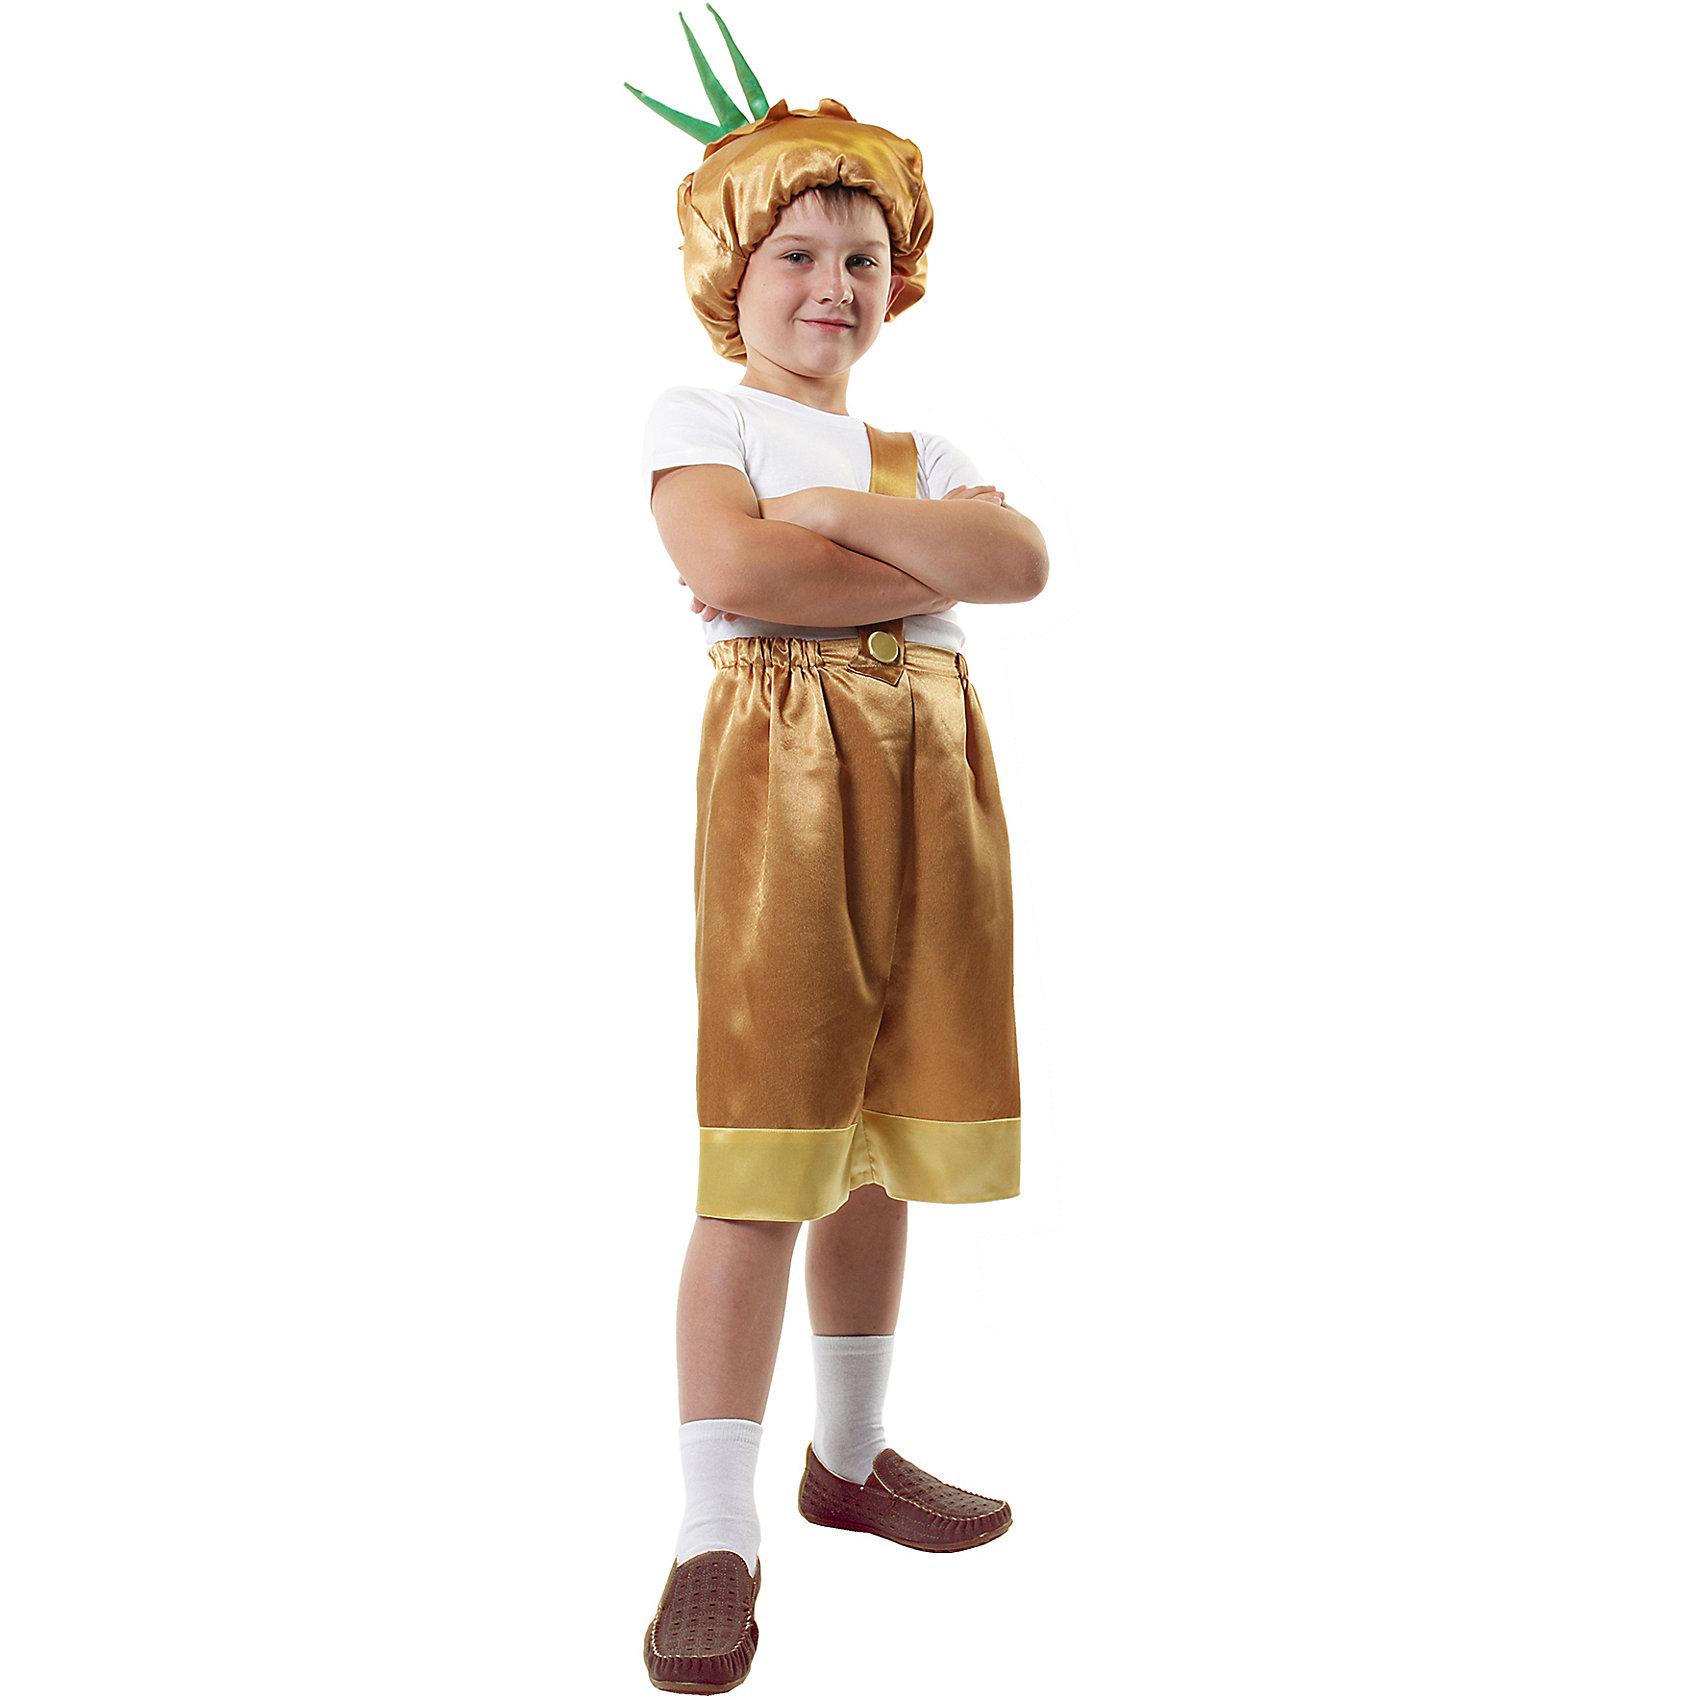 Карнавальный костюм для мальчика Чипполино, ВестификаКарнавальные костюмы<br>Веселый и озорной герой одноименной сказки - Чиполлино - нравится всем мальчишкам. Карнавальный костюм Чиполлино создан специально для них. Костюм состоит из бридж и шапки. Бриджи снабжены косой помочью, которая перекидывается через одно плечи. По низу бриджи отделаны крепсатином светлого тона. В комплект входит также сложная шапка, имитирующая луковую шелуху. Шапка выполнена из крепсатина нескольких цветов, подбита синтепоном и снабжена хлоптачтобумажной подкладкой. Стрелки лука уплотнены для придания формы. Рекомендуем дополнить костюм Чиполлино белой футболкой, белыми носочками и обувью в тон костюма или чешками. Костюм Чиполлино может использоваться как костюм Лука.<br><br>Дополнительная информация:<br><br>Комплектация:<br>Бриджи с помочами из крепсатина<br>Шапка из крепсатина<br>Ткани:<br>Крепсатин (100% полиэстер)<br>Бязь (100% хлопок)<br>Синтепон (100% полиэстер)<br><br>Карнавальный костюм для мальчика Чипполино, Вестифика можно купить в нашем магазине.<br><br>Ширина мм: 236<br>Глубина мм: 16<br>Высота мм: 184<br>Вес г: 240<br>Цвет: разноцветный<br>Возраст от месяцев: 96<br>Возраст до месяцев: 108<br>Пол: Мужской<br>Возраст: Детский<br>Размер: 128/134,116/122<br>SKU: 4389233